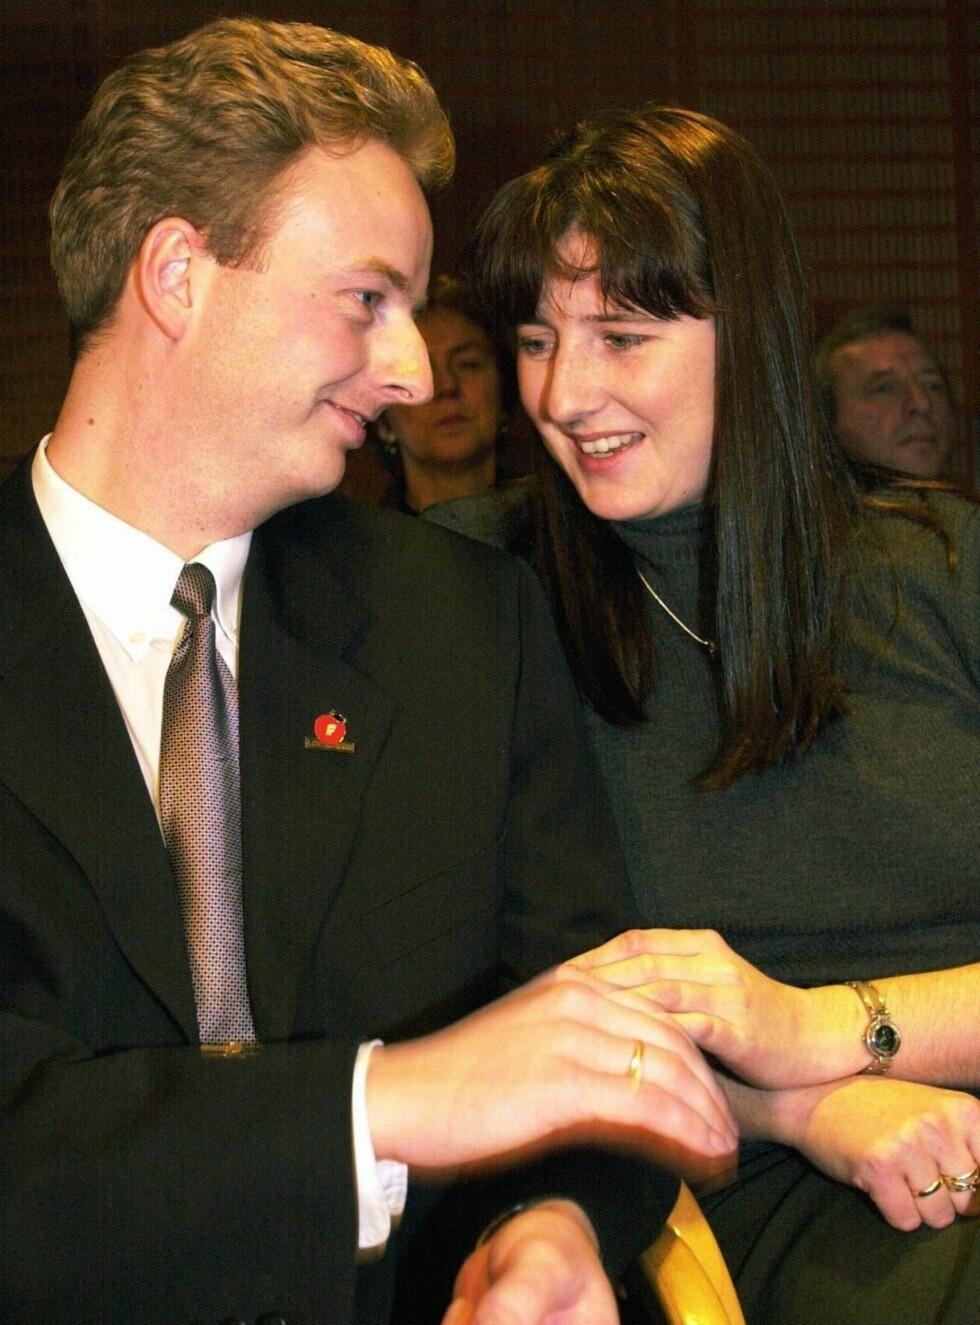 STOLTE FORELDRE: Terje Søviknes og kona Janniche Askeland har fått en liten sønn. Dette bildet er tatt i 2001. Foto: SCANPIX